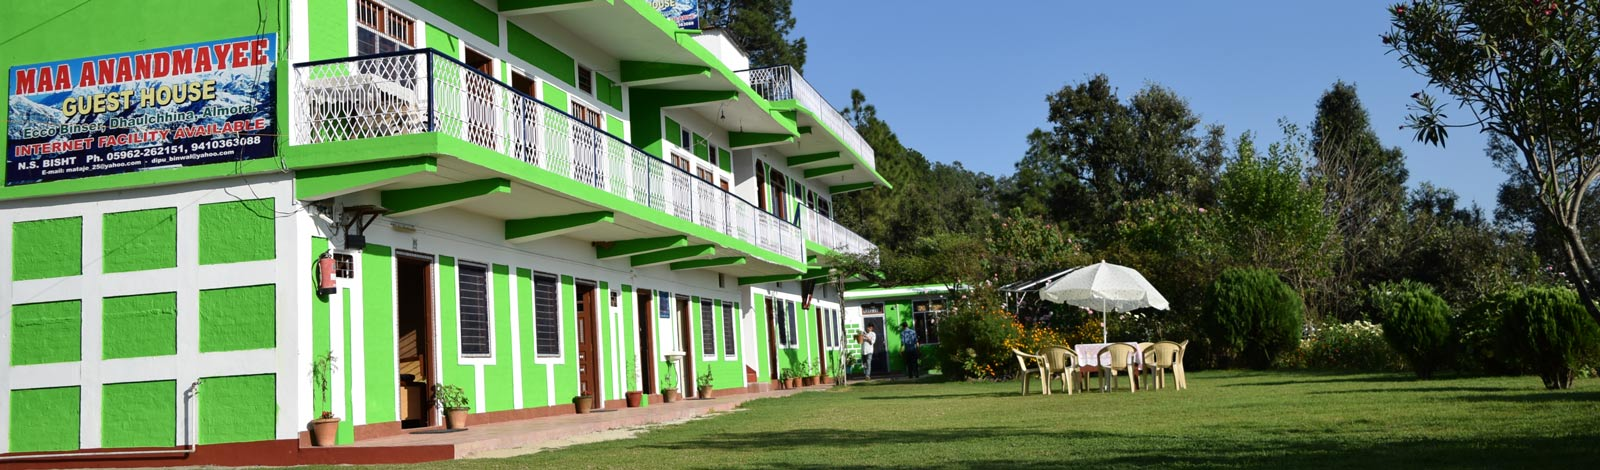 maa-anandmayee-guest-house